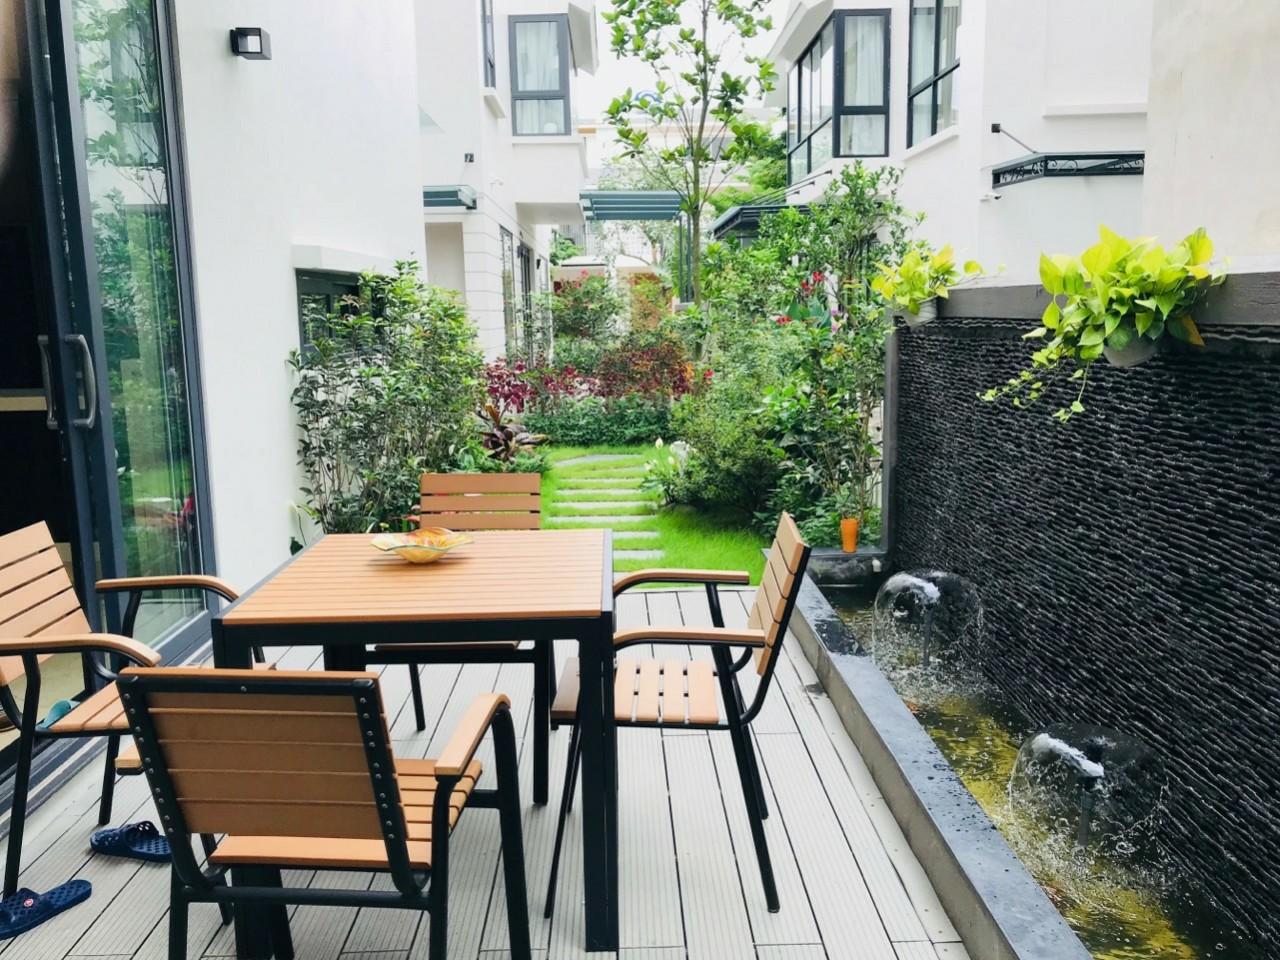 Top 10 Biệt thự villa homestay Ecopark view đẹp có hồ bơi cho thuê nguyên căn